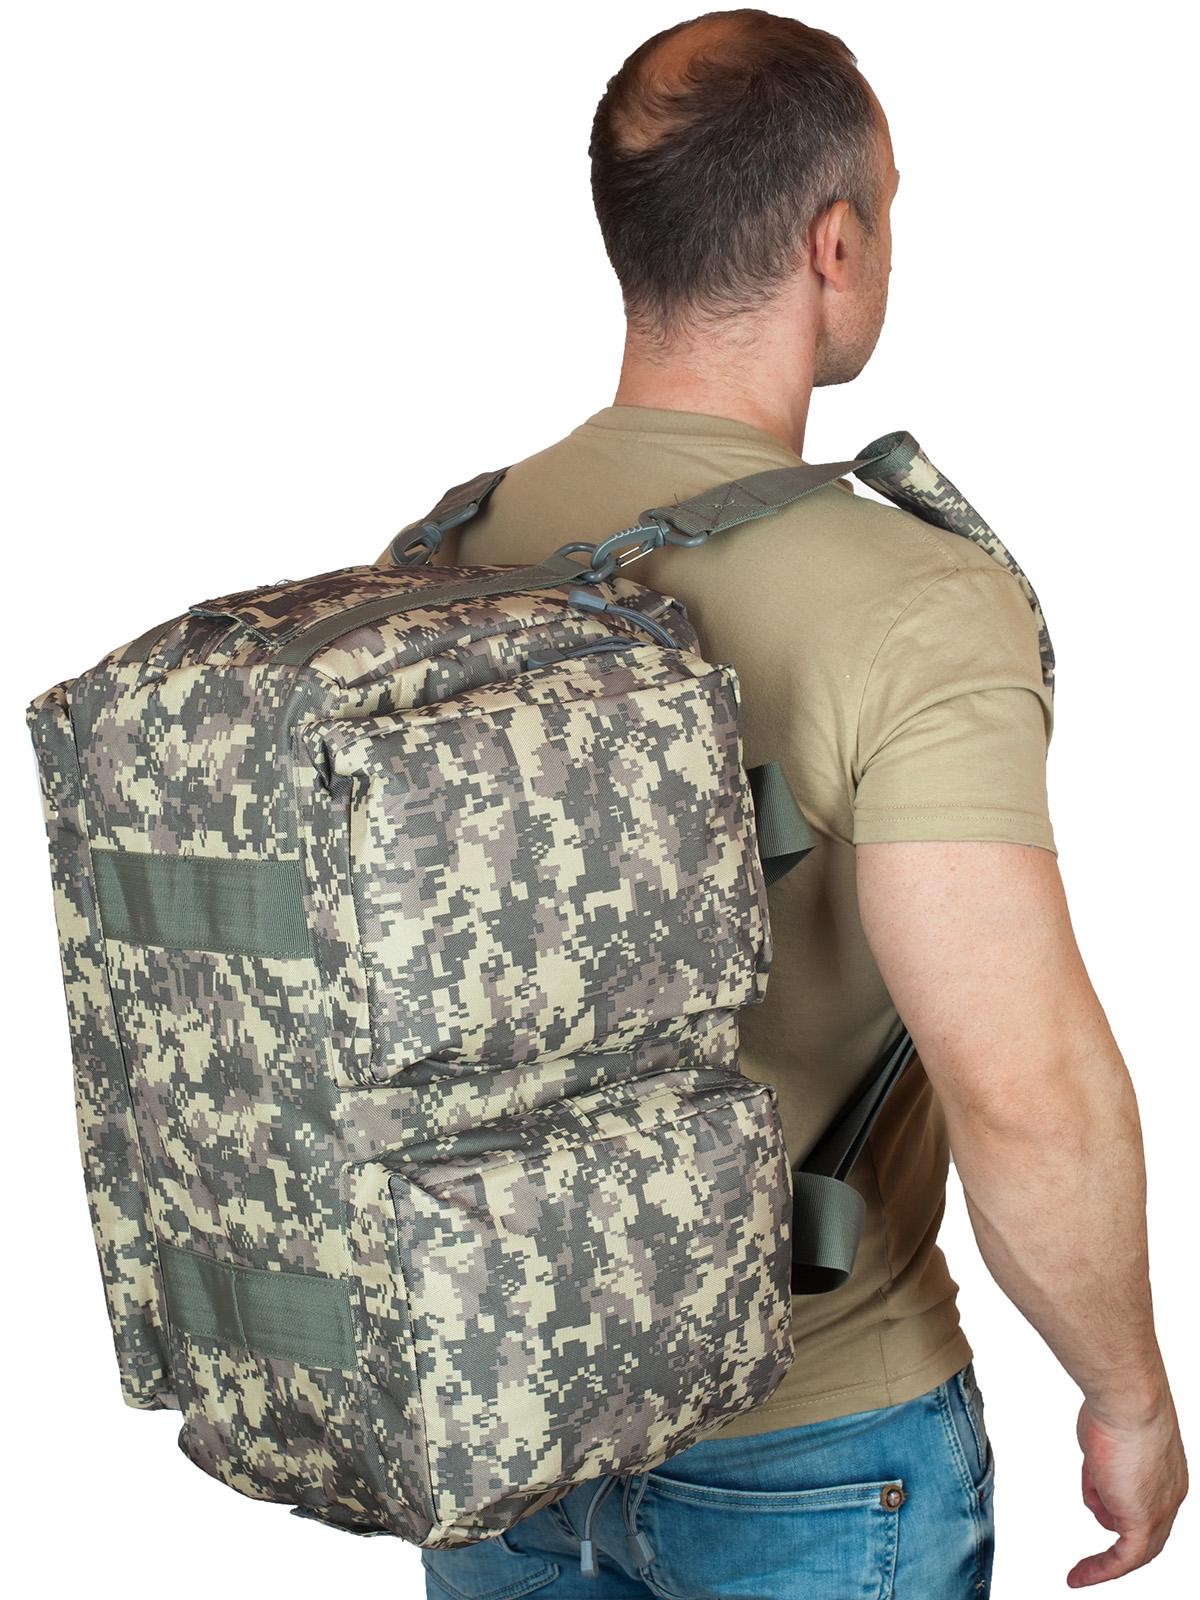 Купить походную камуфляжную сумку-рюкзак Ни пуха, Ни пера по выгодной цене